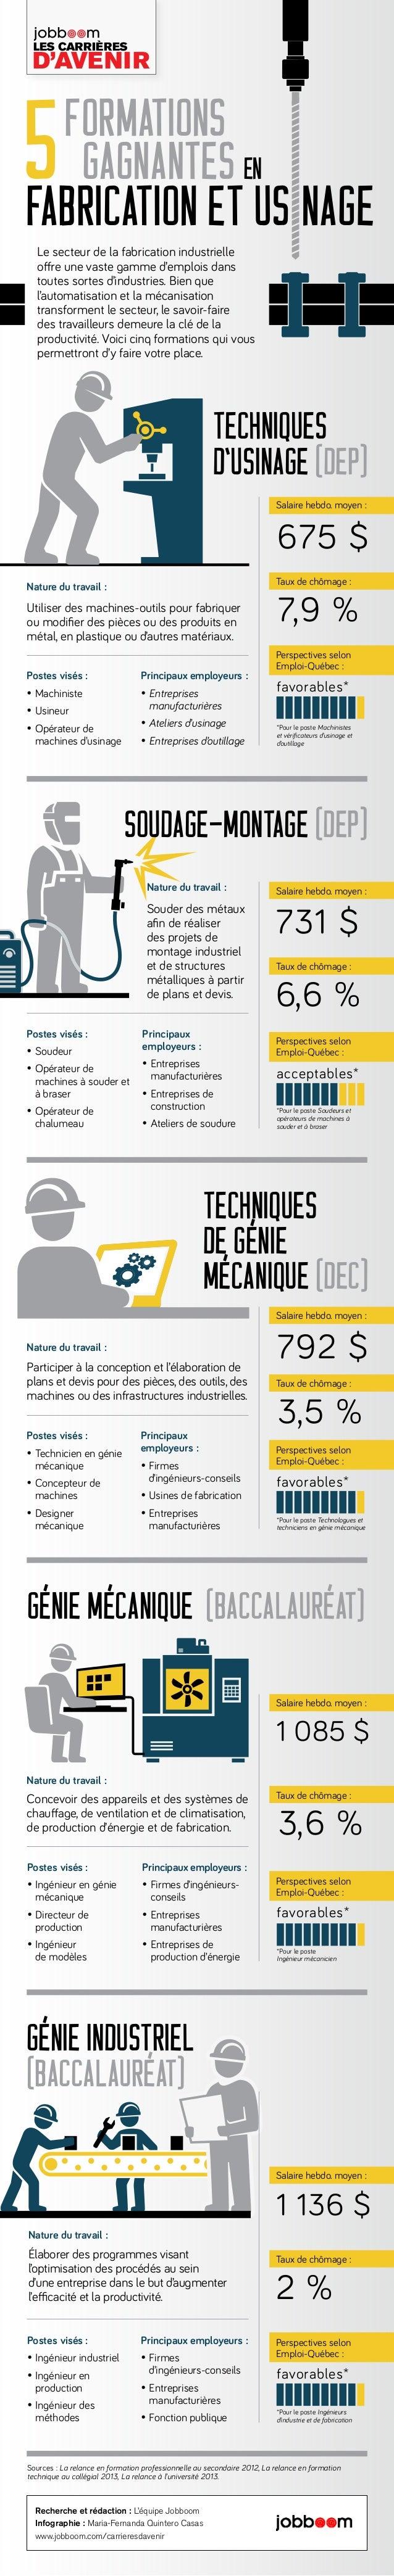 formations gagnantes fabrication et us nage 5 en Le secteur de la fabrication industrielle offre une vaste gamme d'emplois...